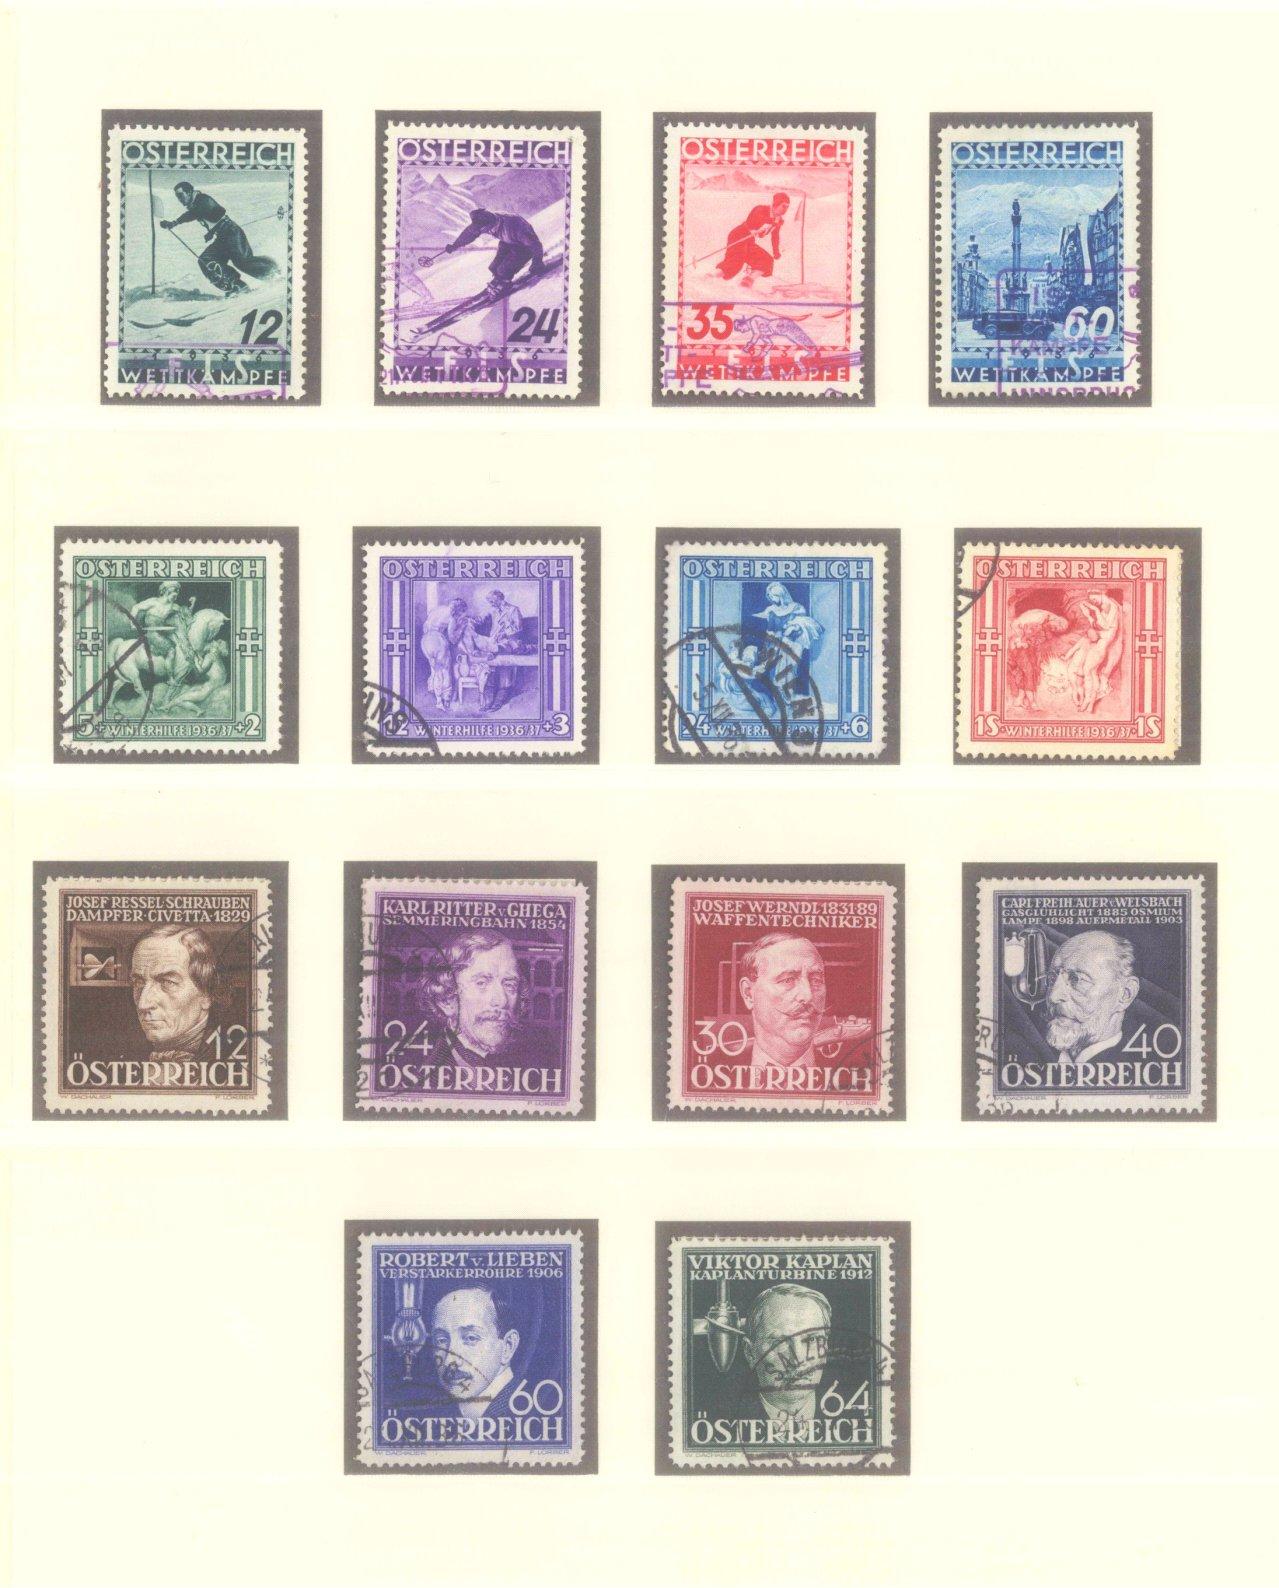 ÖSTERREICH 1925-1937-6